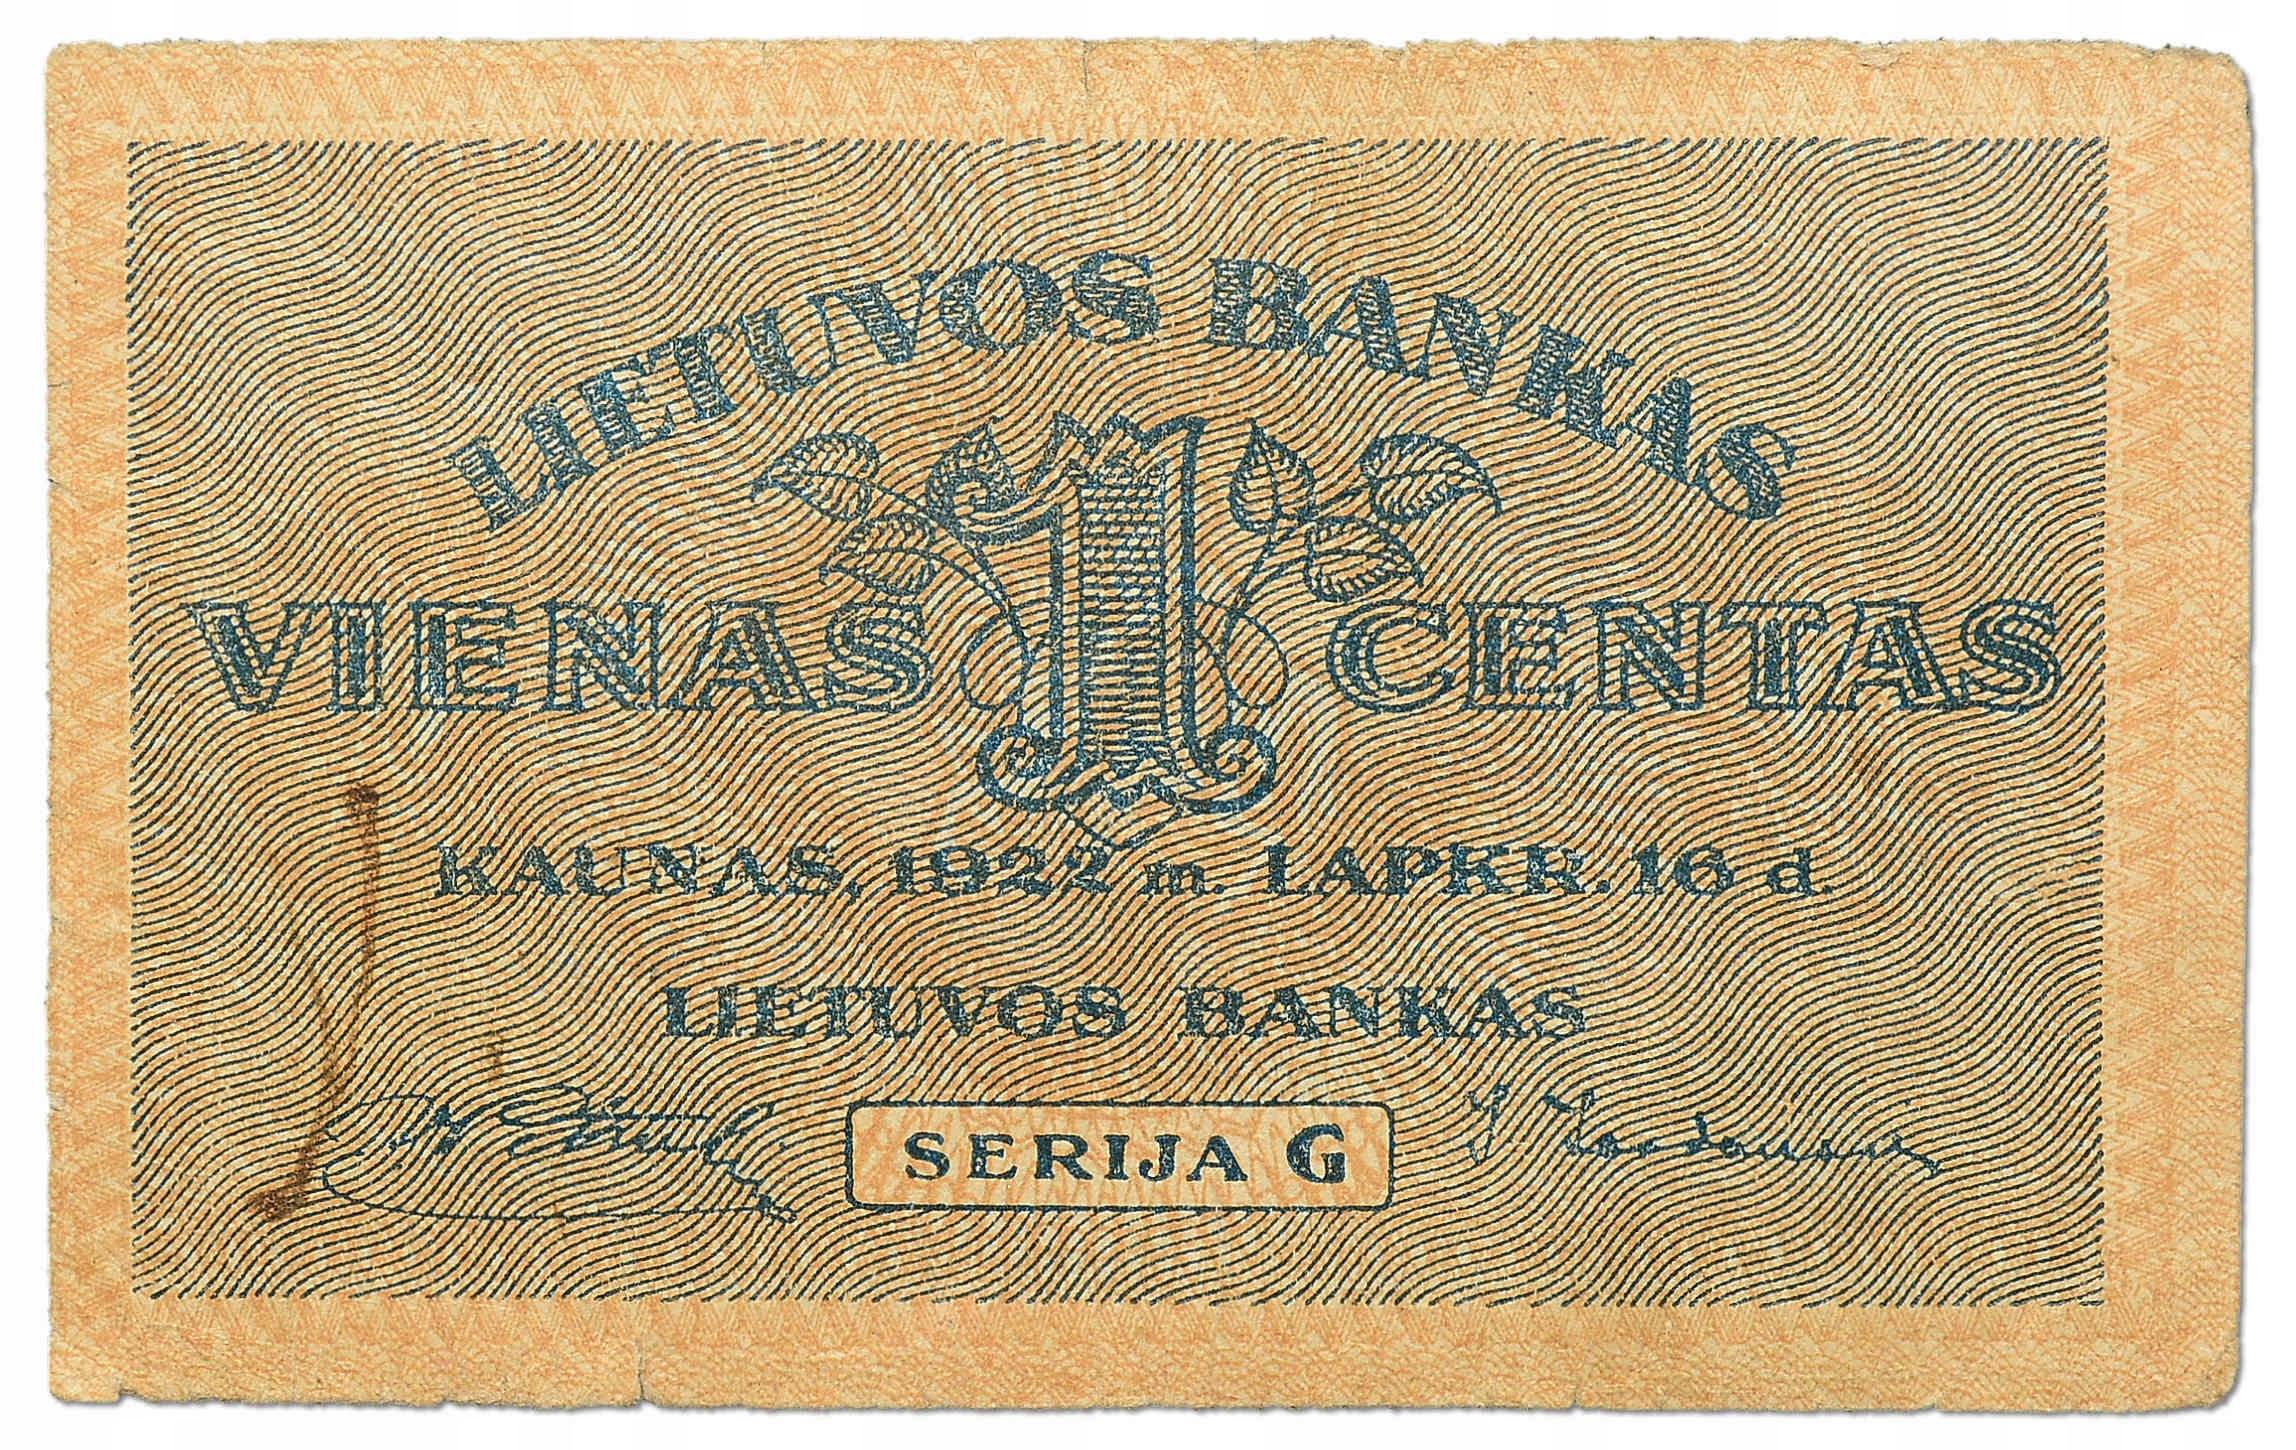 16.db.Litwa, 1 Centas 1922, P.7.a, St.3/3+